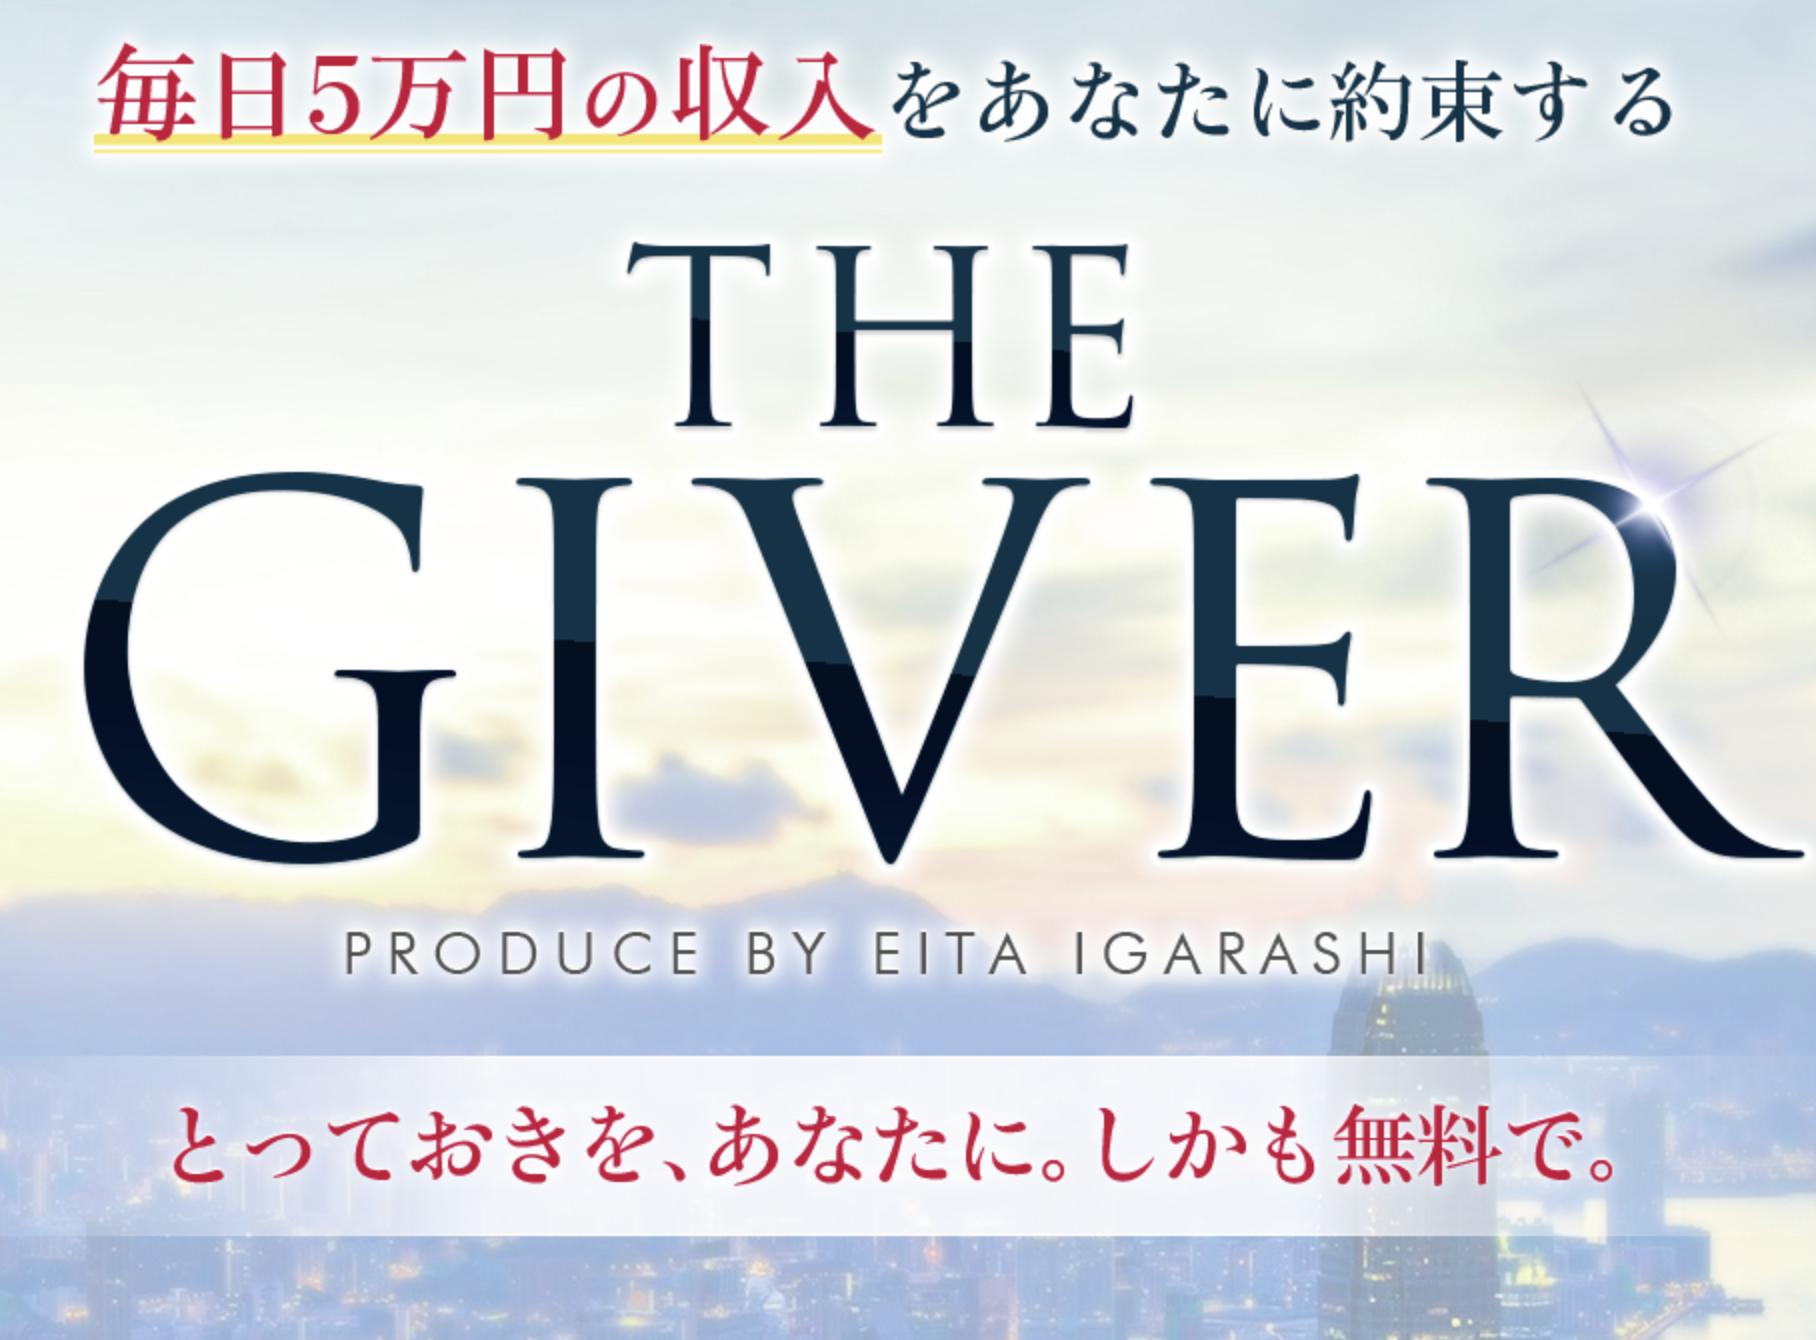 五十嵐瑛太のTHE GIVER PROJECT(ギバープロジェクト)タイトル